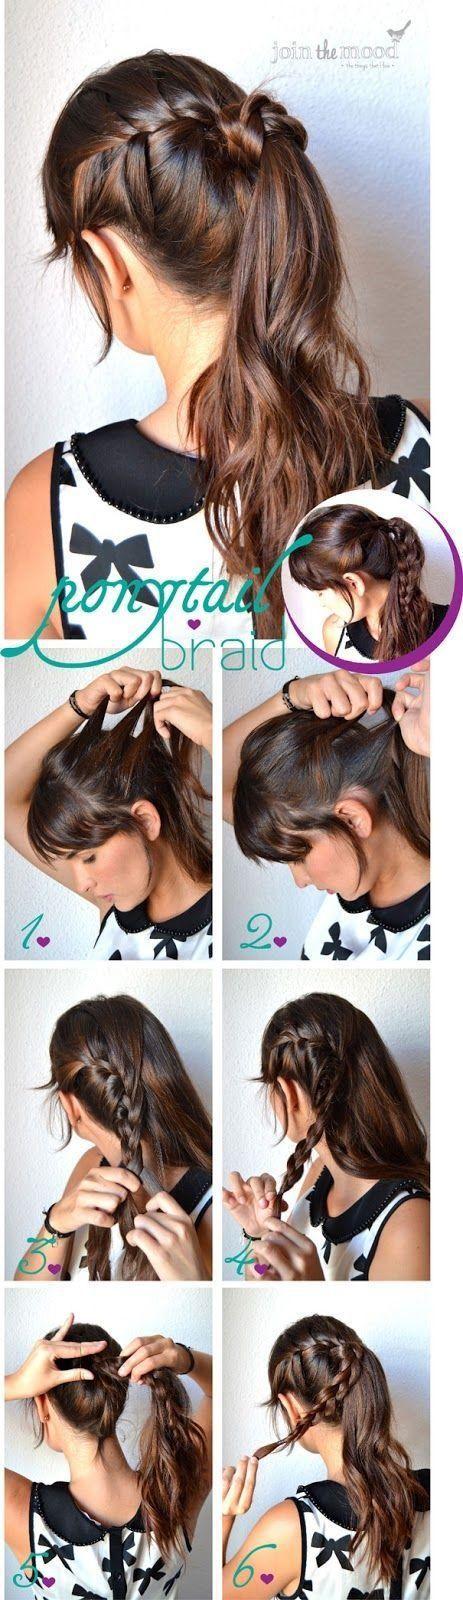 ponytail-braid